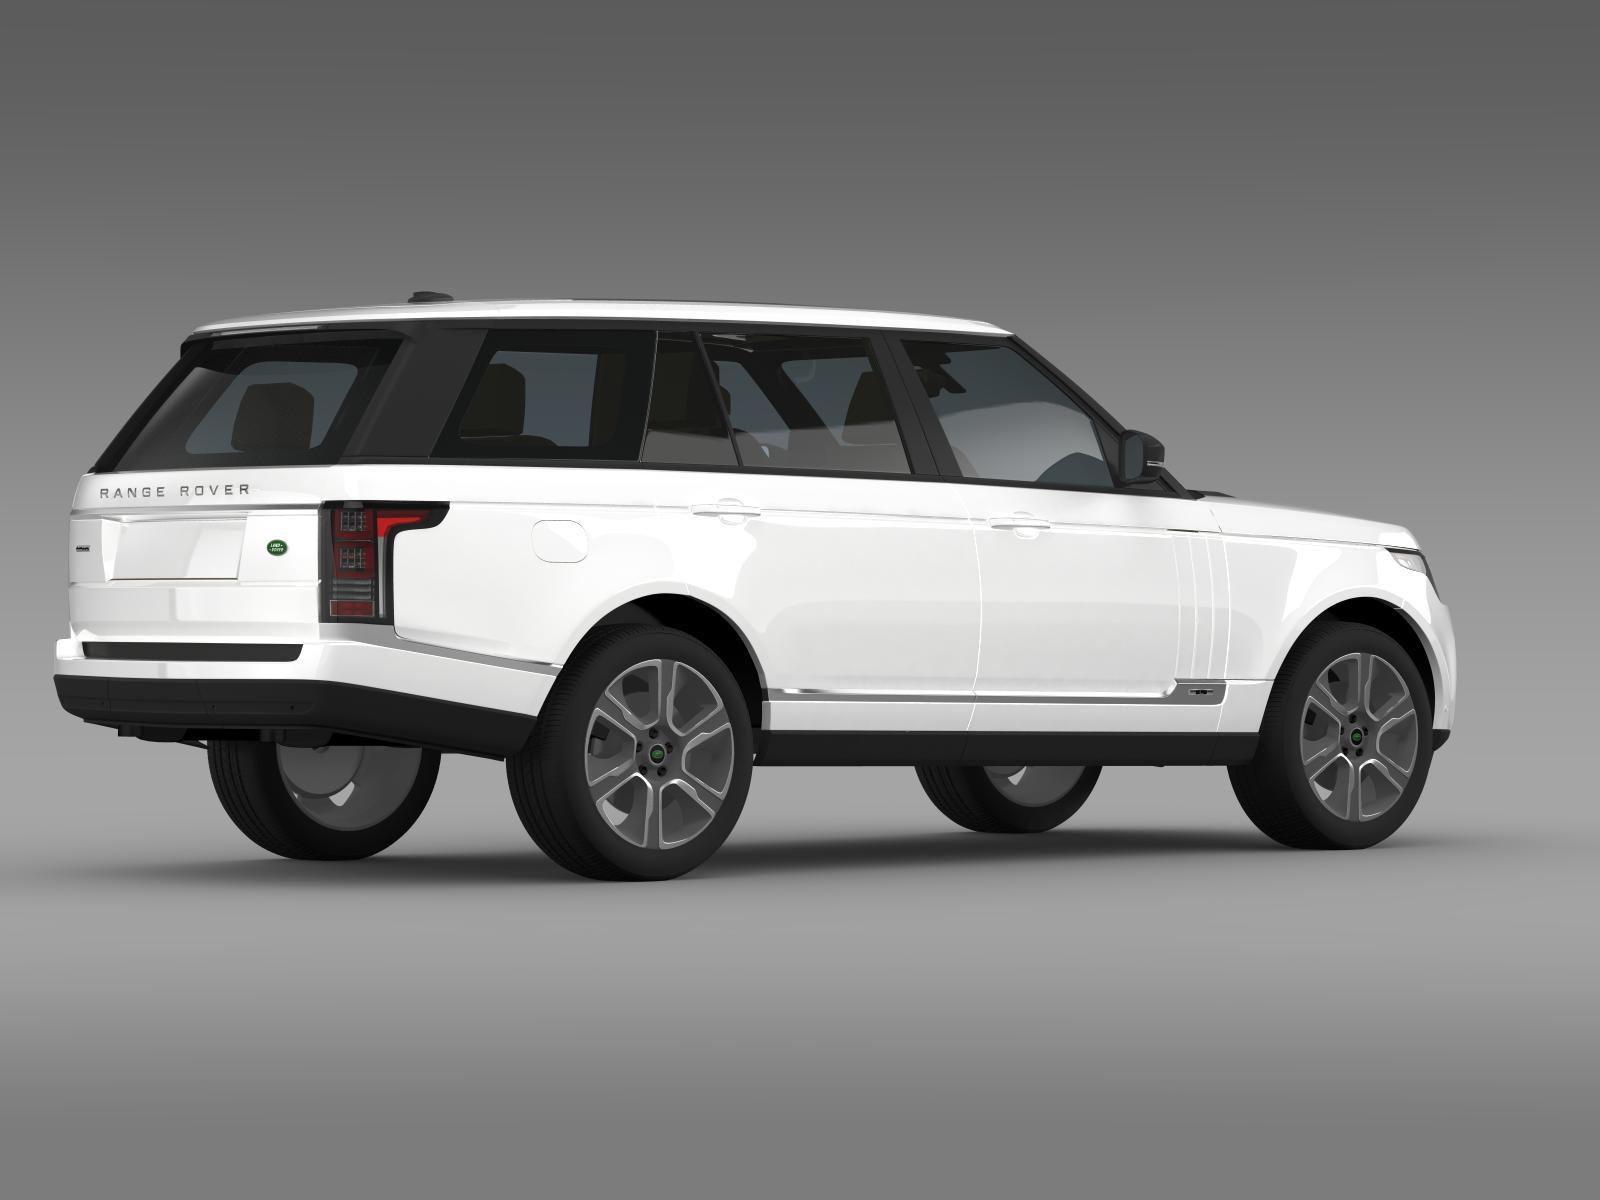 range rover hybrid lwb l405 3d model buy range rover hybrid lwb l405 3d model flatpyramid. Black Bedroom Furniture Sets. Home Design Ideas